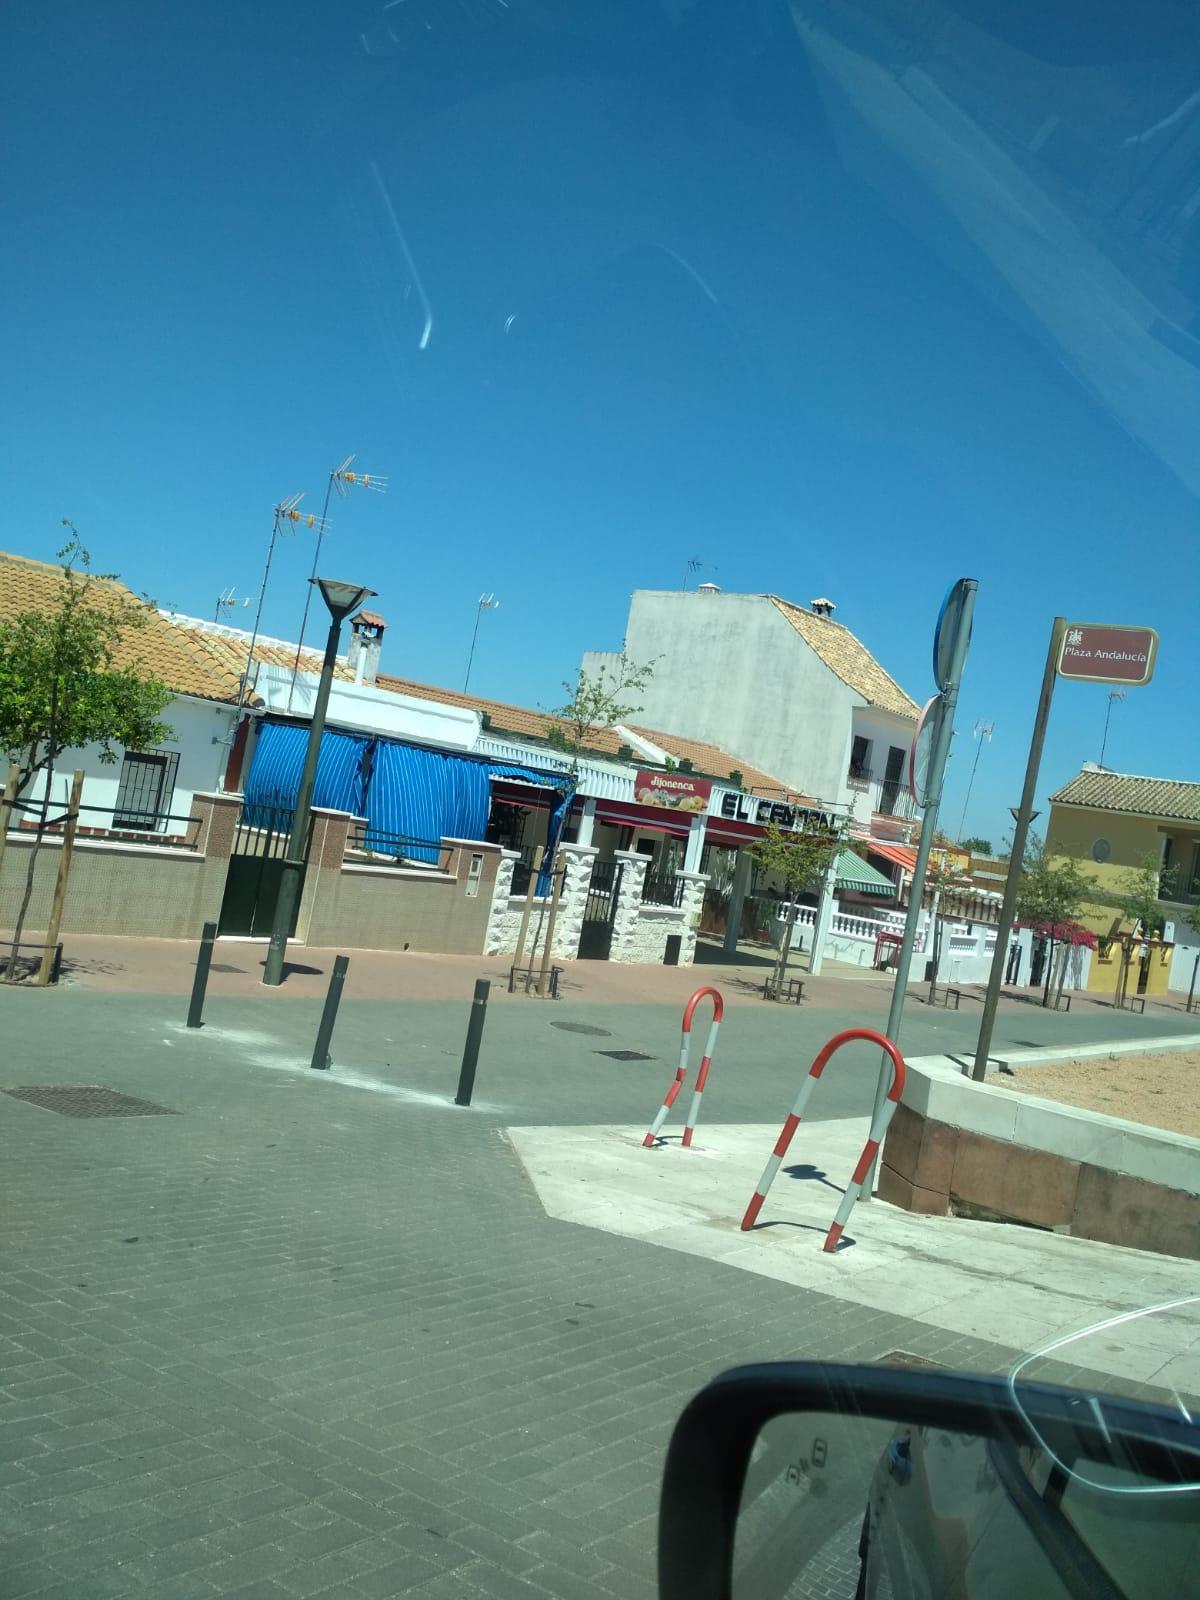 El vecindario de Cerro Muriano en contra del cierre al tráfico de la Plaza de Andalucía